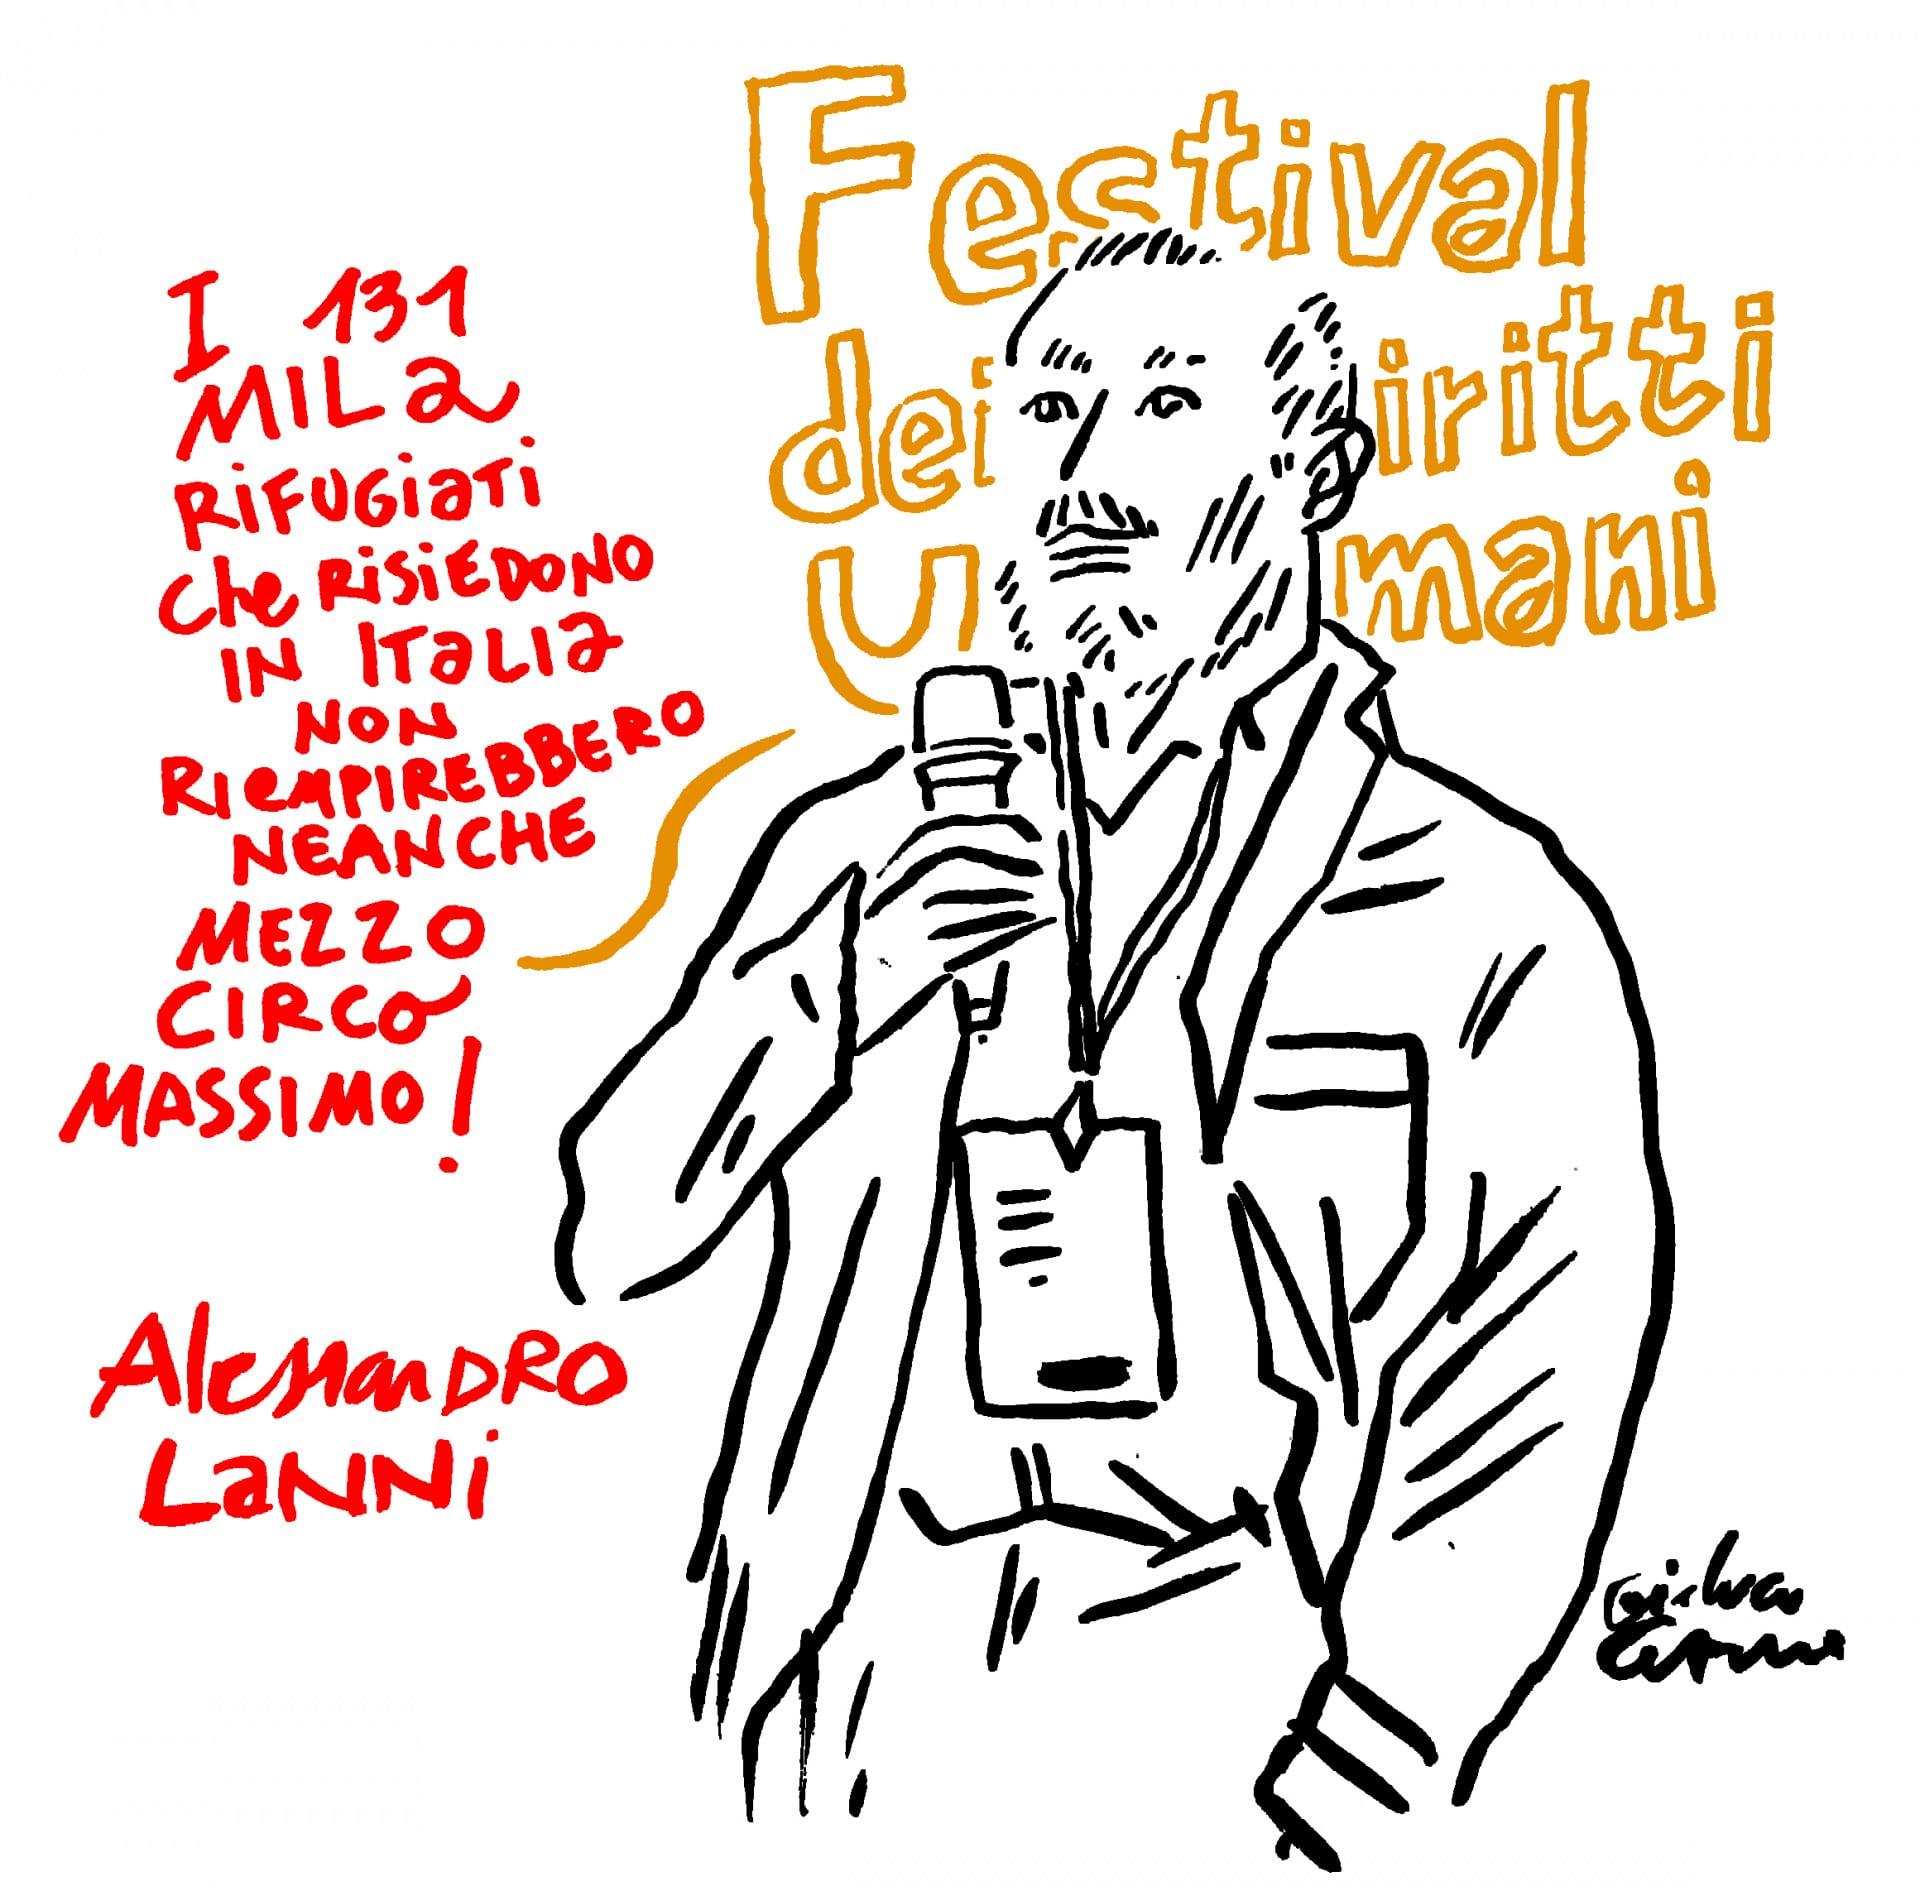 Alessandro-Lanni